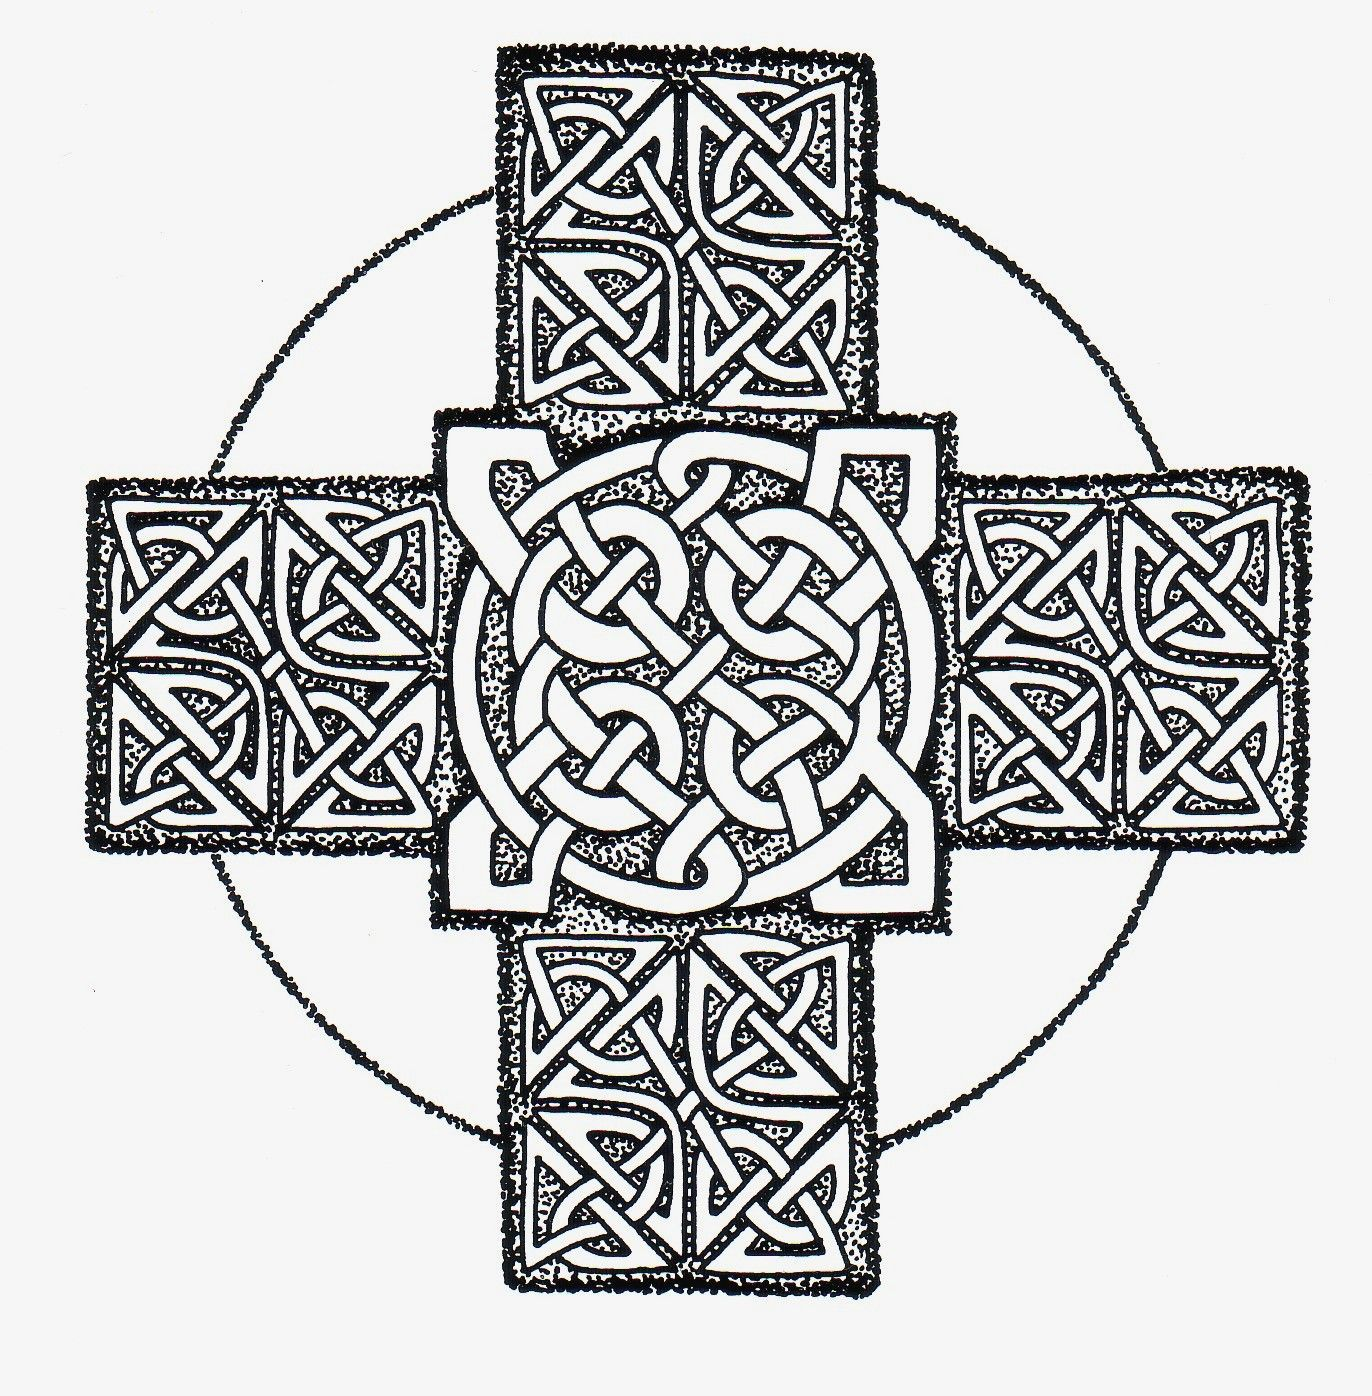 Celtic Cross  http://www.freeceltic.com/wall/celtic%20crosses/celtic-cross-picture-46.jpg